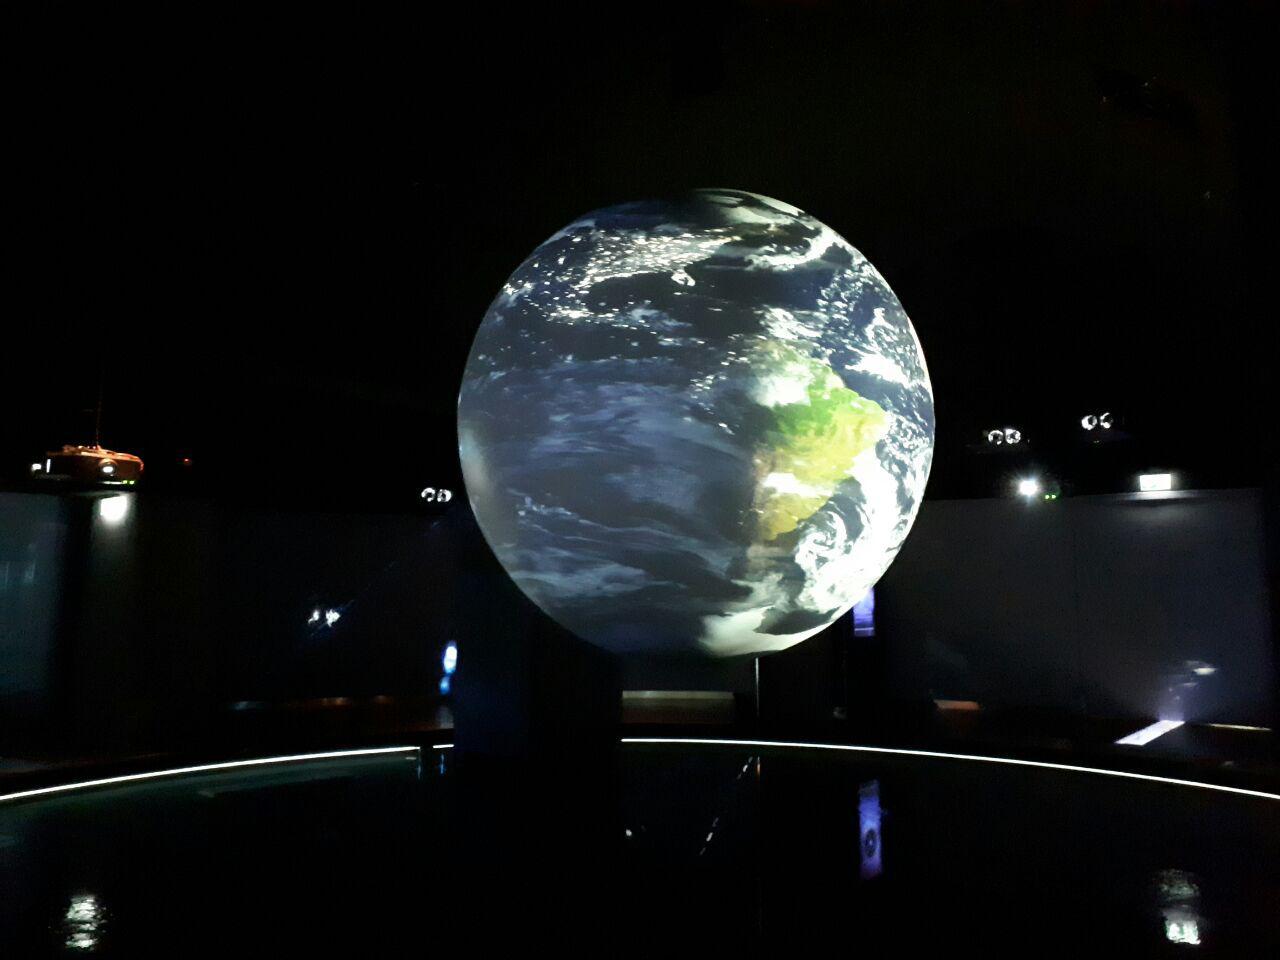 فیلم سه بعدی برای معرفی آب در کهکشان